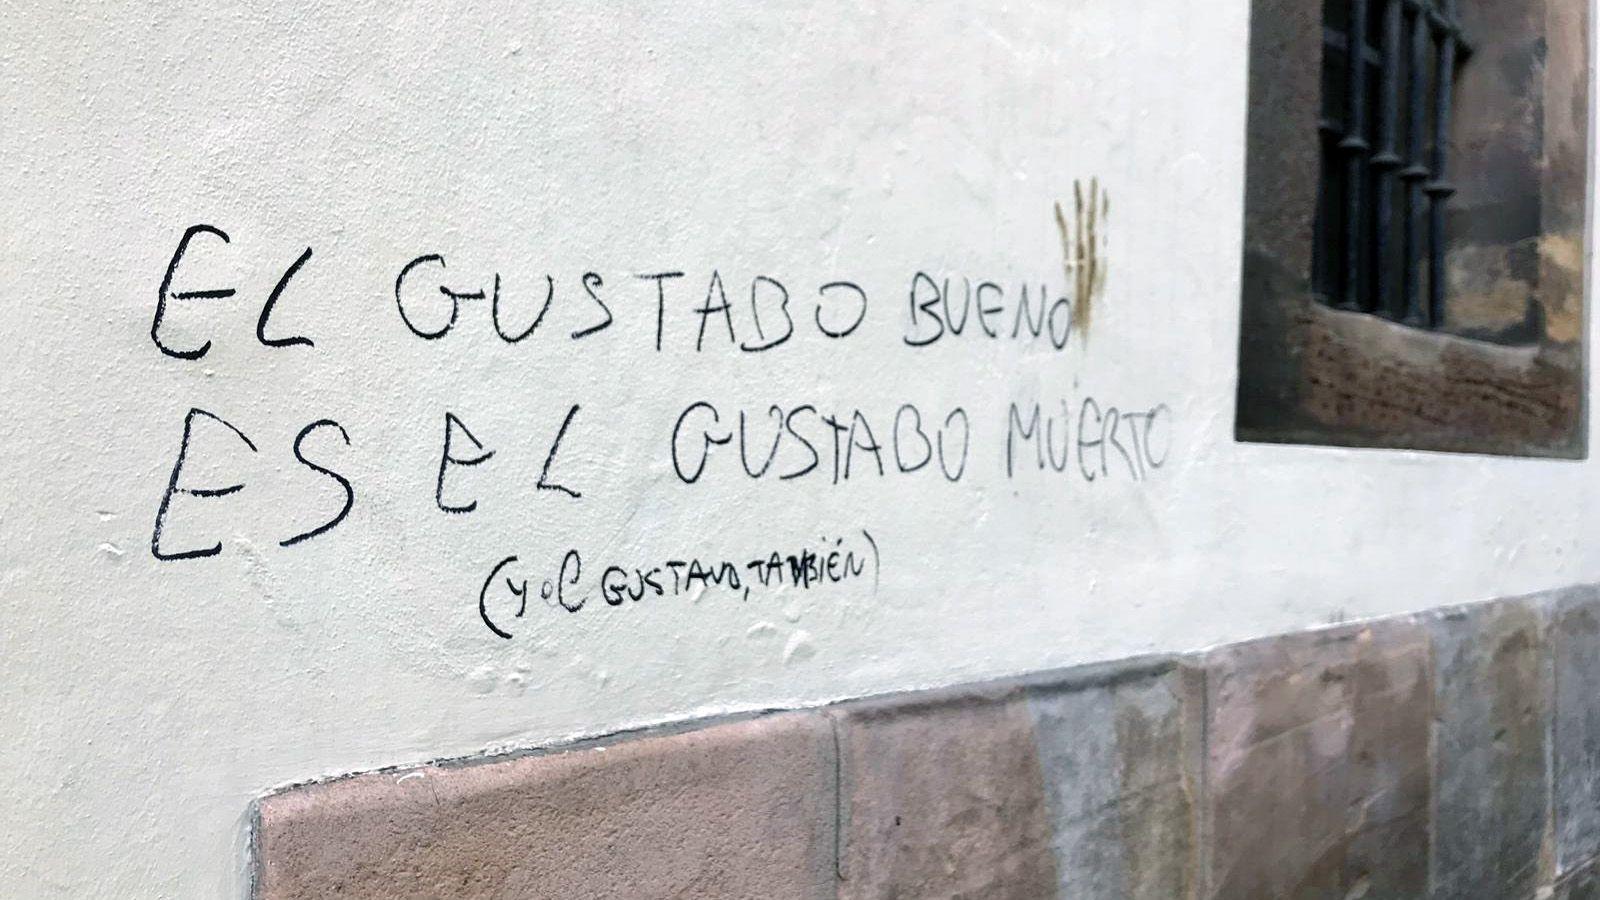 Corrección en la pintada contra Gustavo Bueno